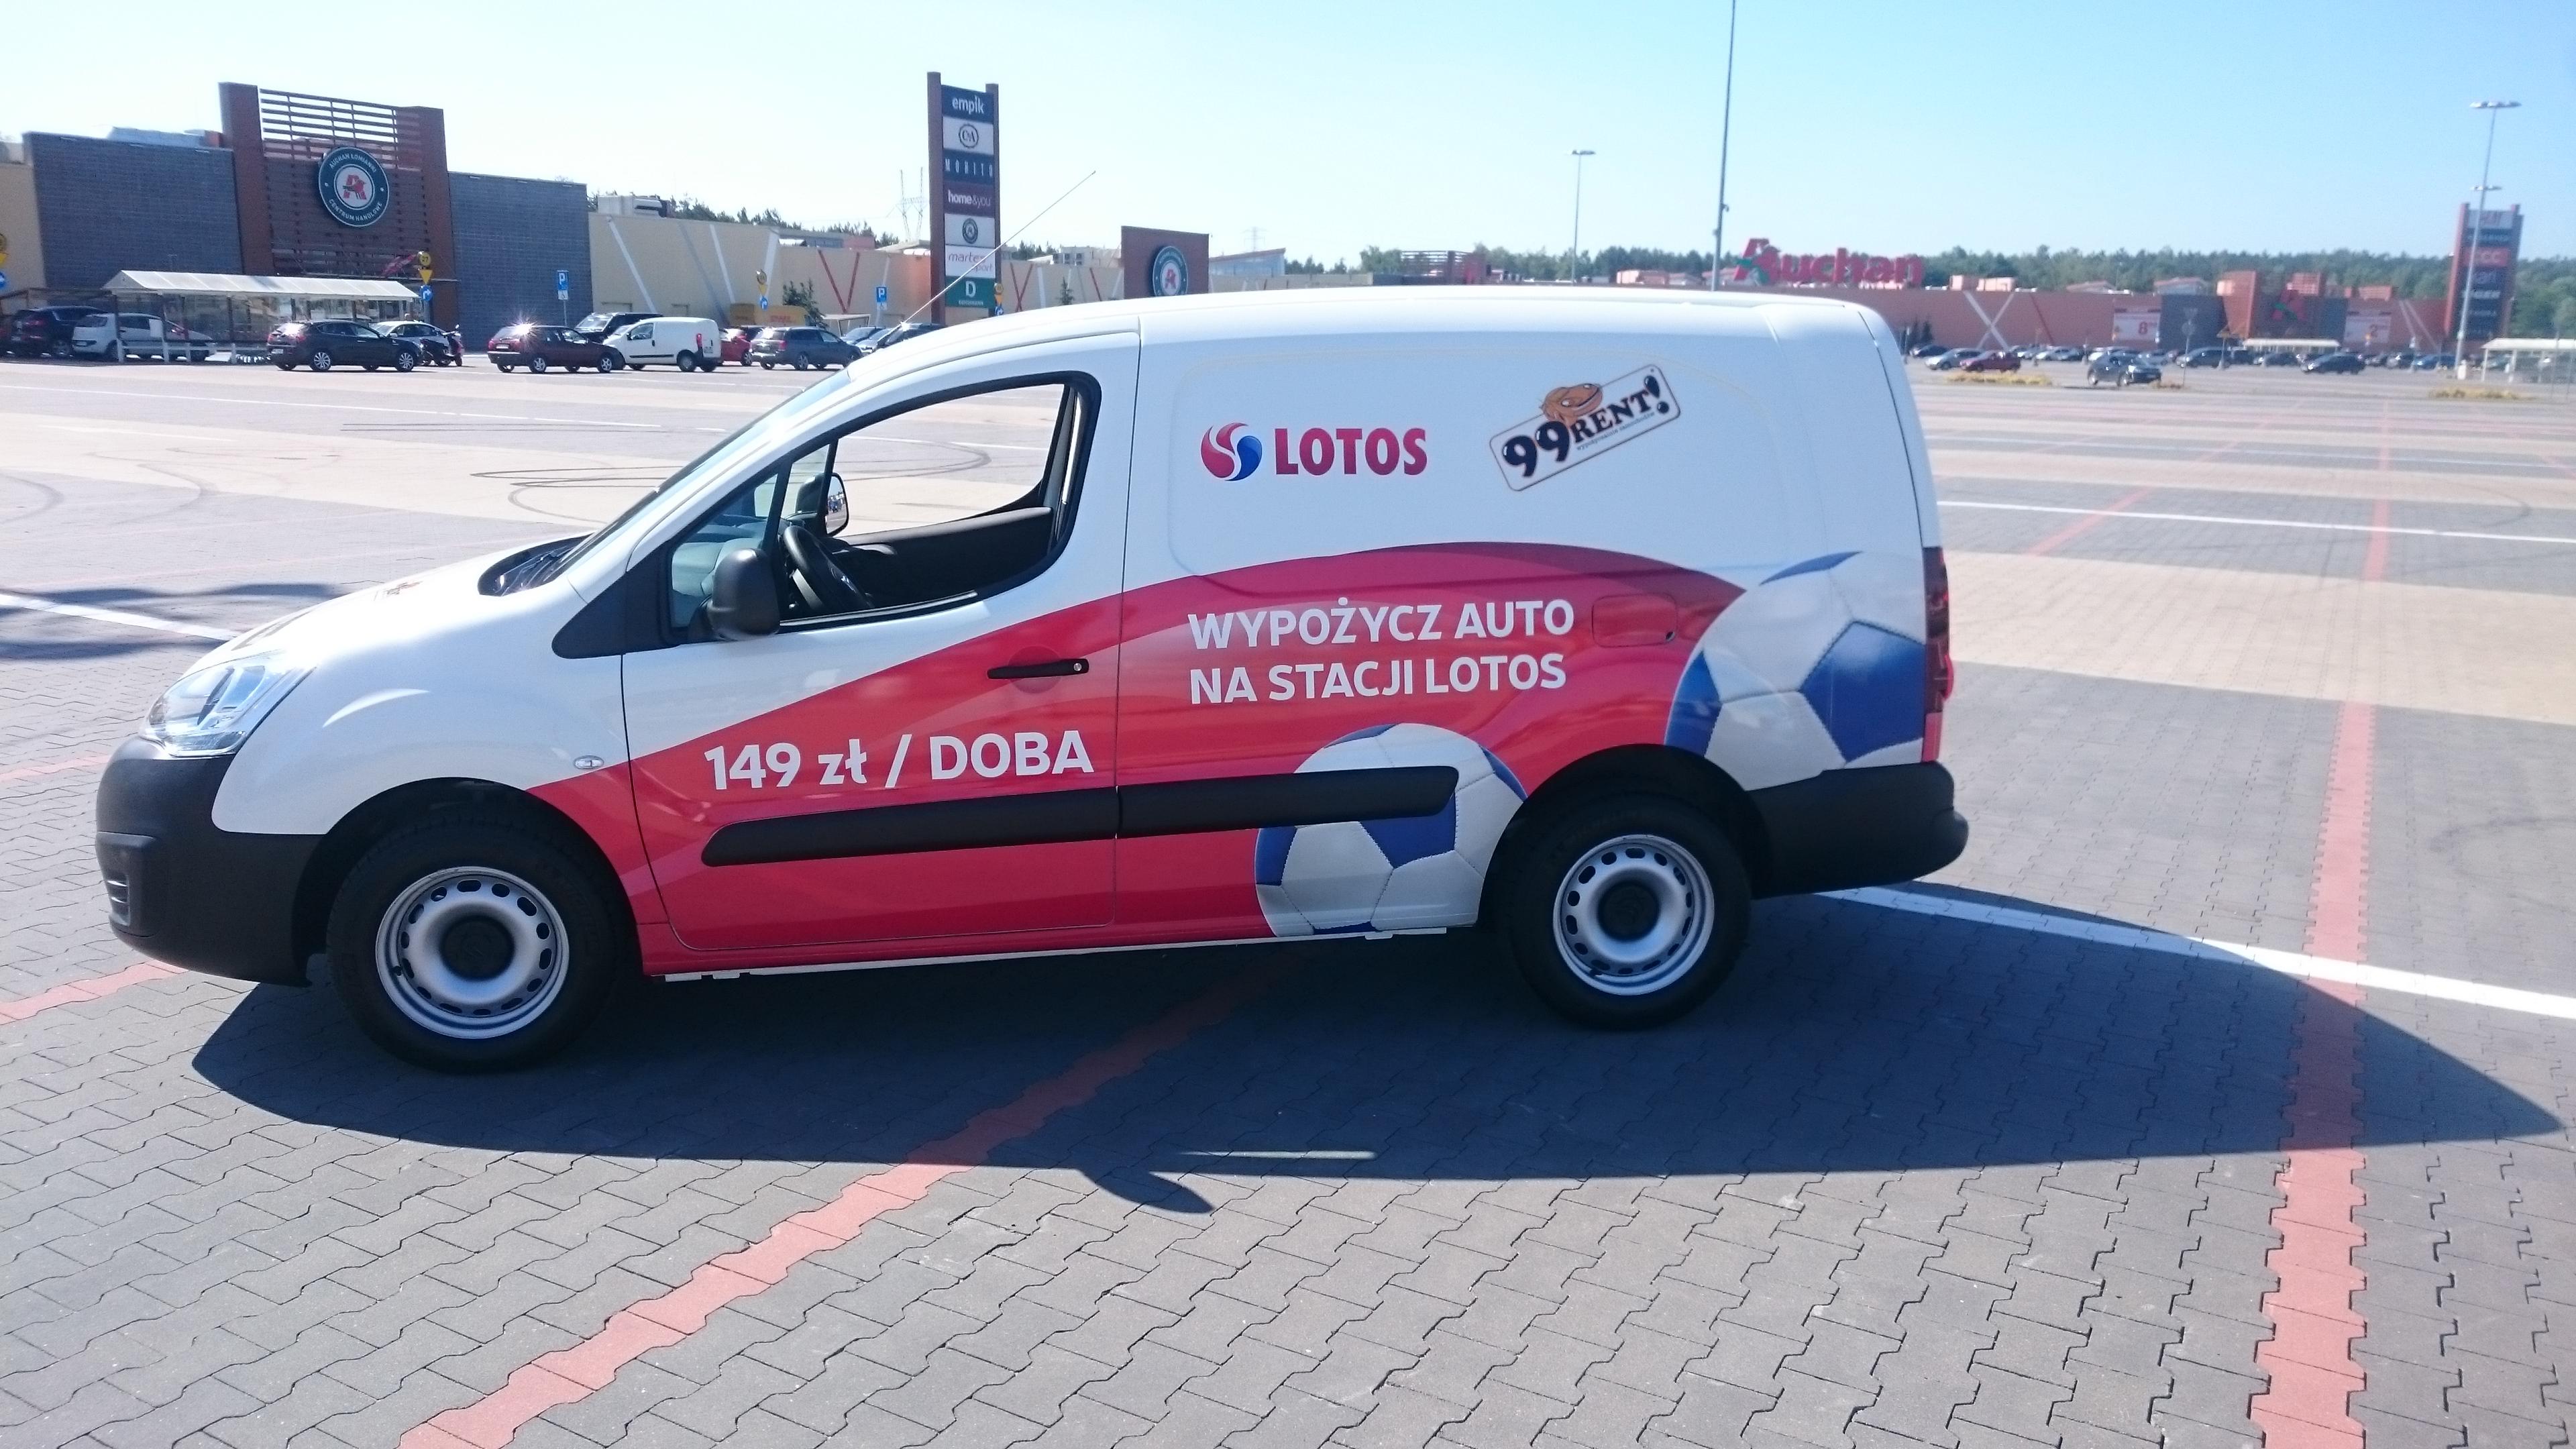 Bardzo dobryFantastyczny Wynajem aut 99RENT na stacjach LOTOS - Grupa LOTOS S.A. HH75